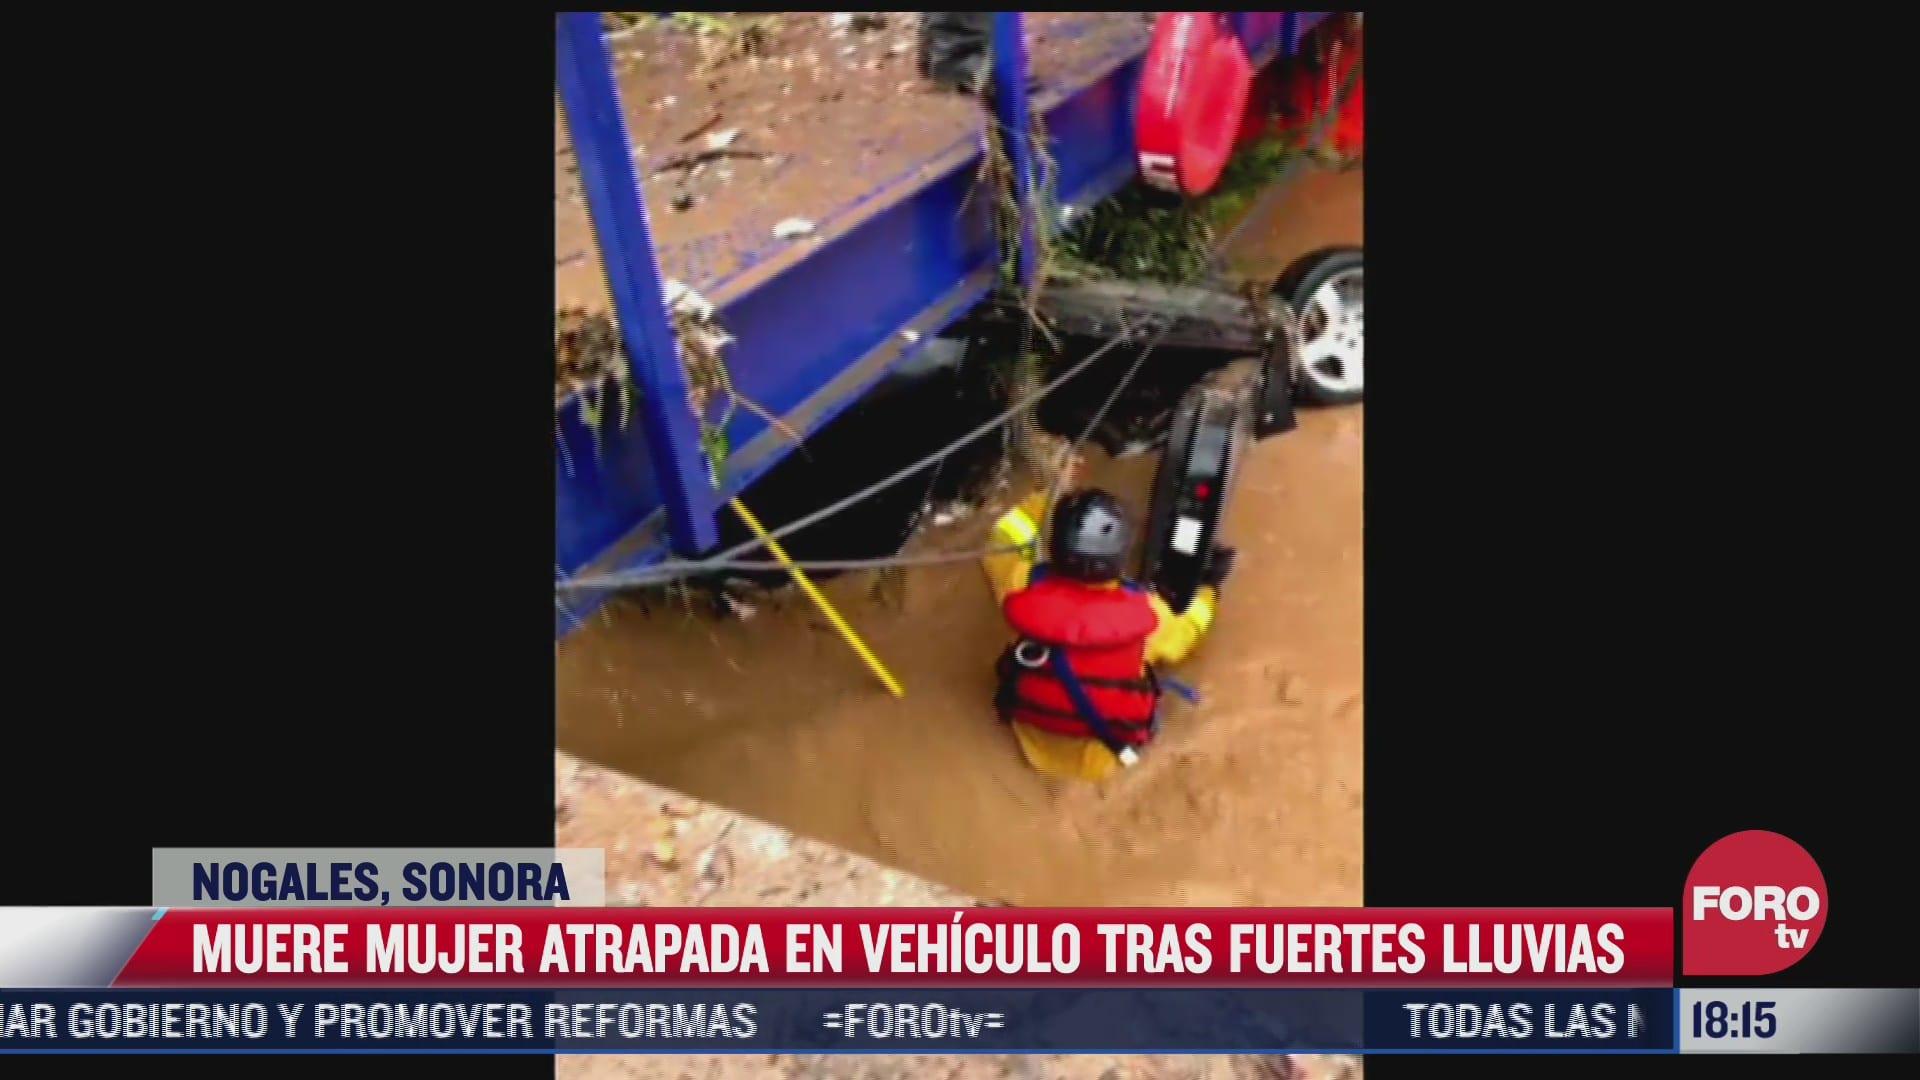 muere joven tras las fuertes lluvias e inundaciones registradas en nogales